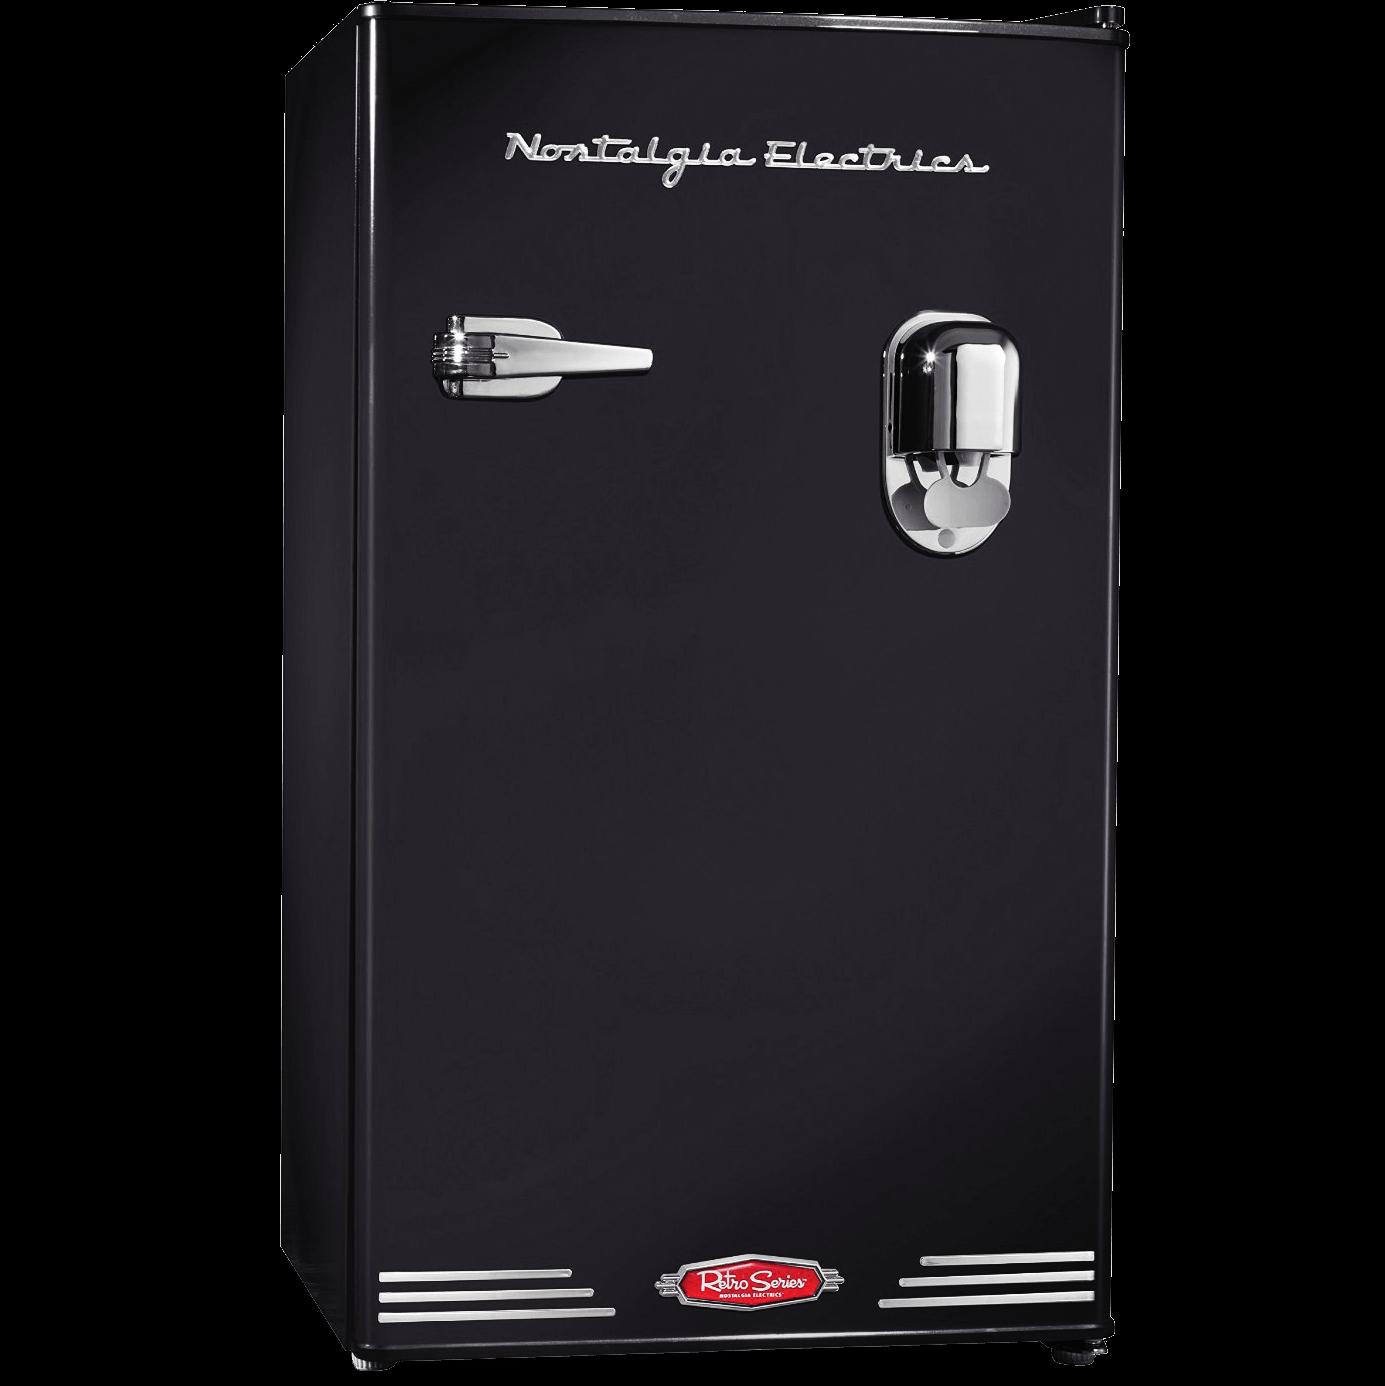 Nostalgia Electrics Retro Series Dispensing Refrigerator